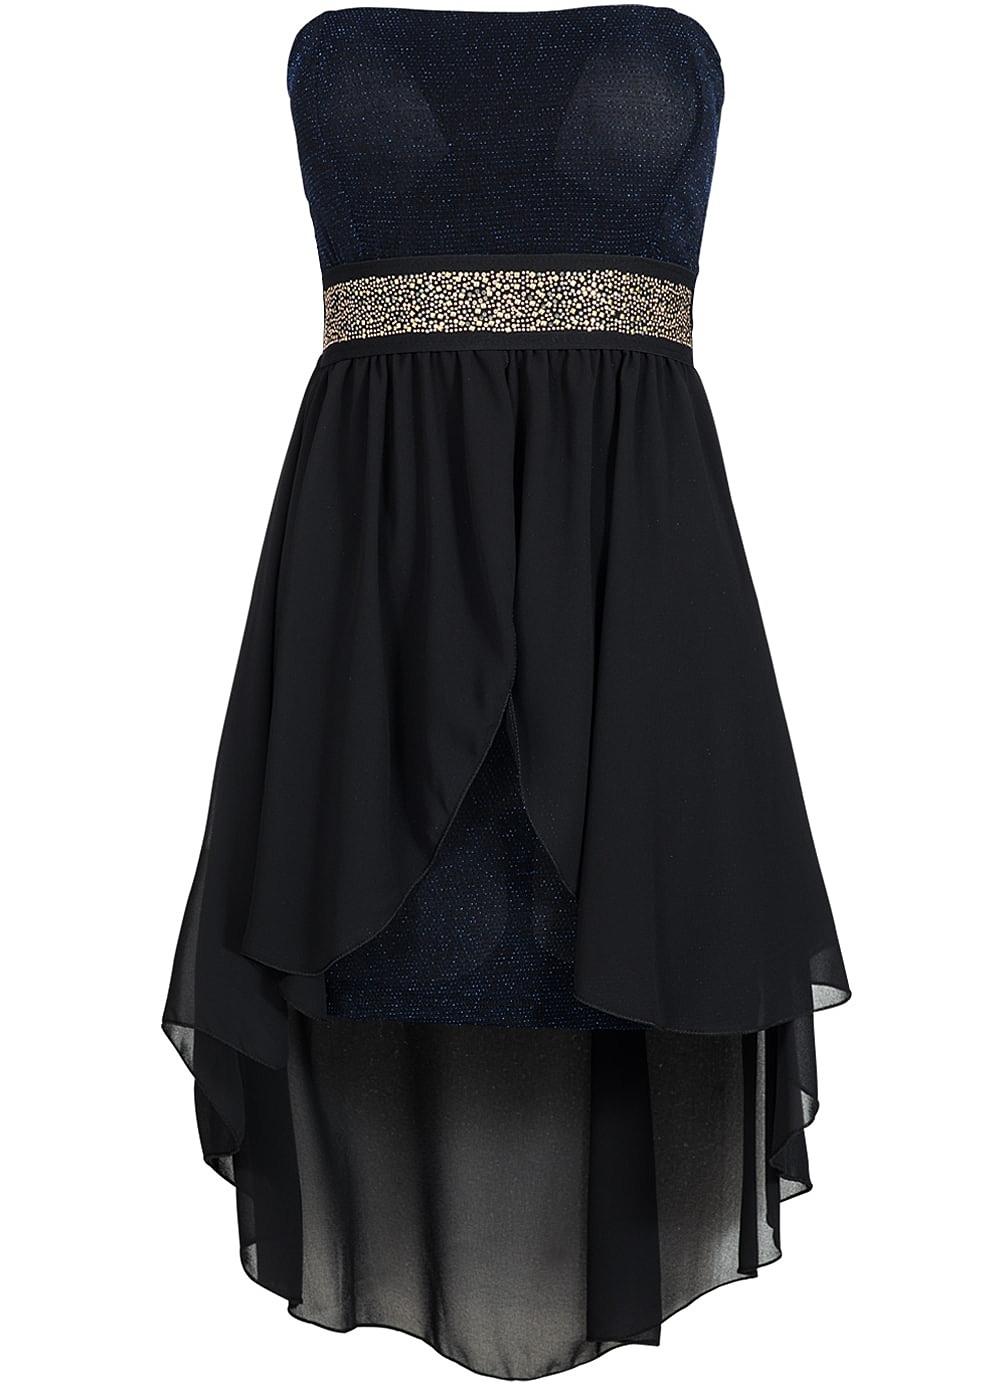 Abend Wunderbar Kleid Blau Glitzer Vertrieb Top Kleid Blau Glitzer Galerie